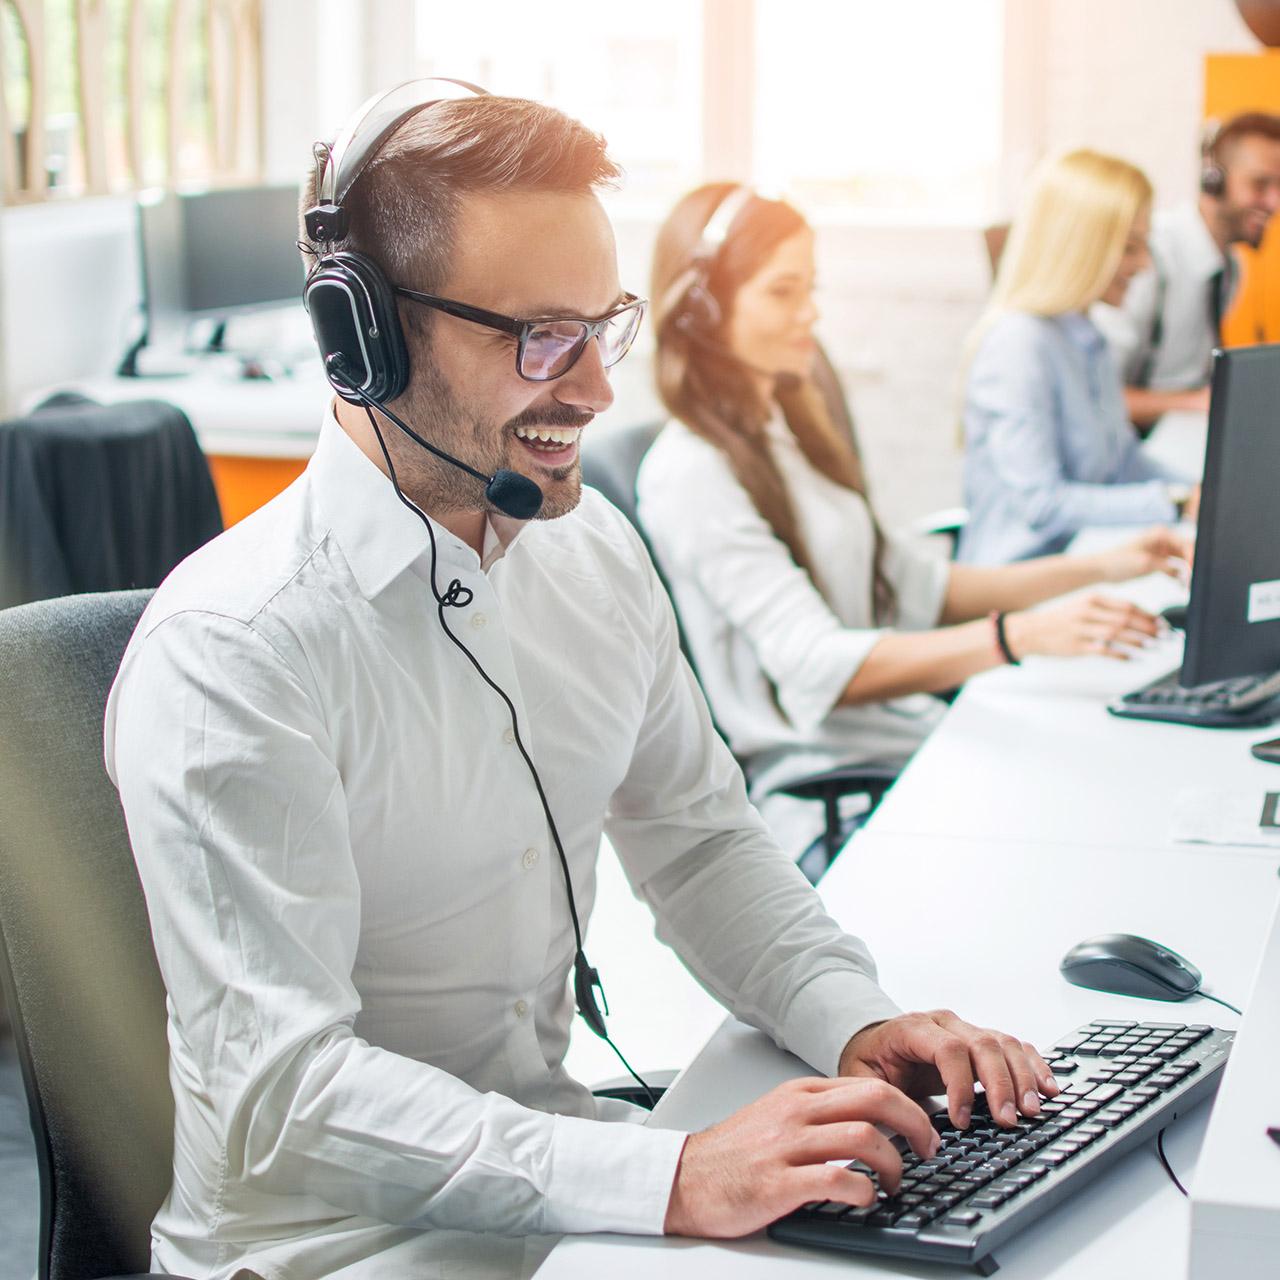 external IT support